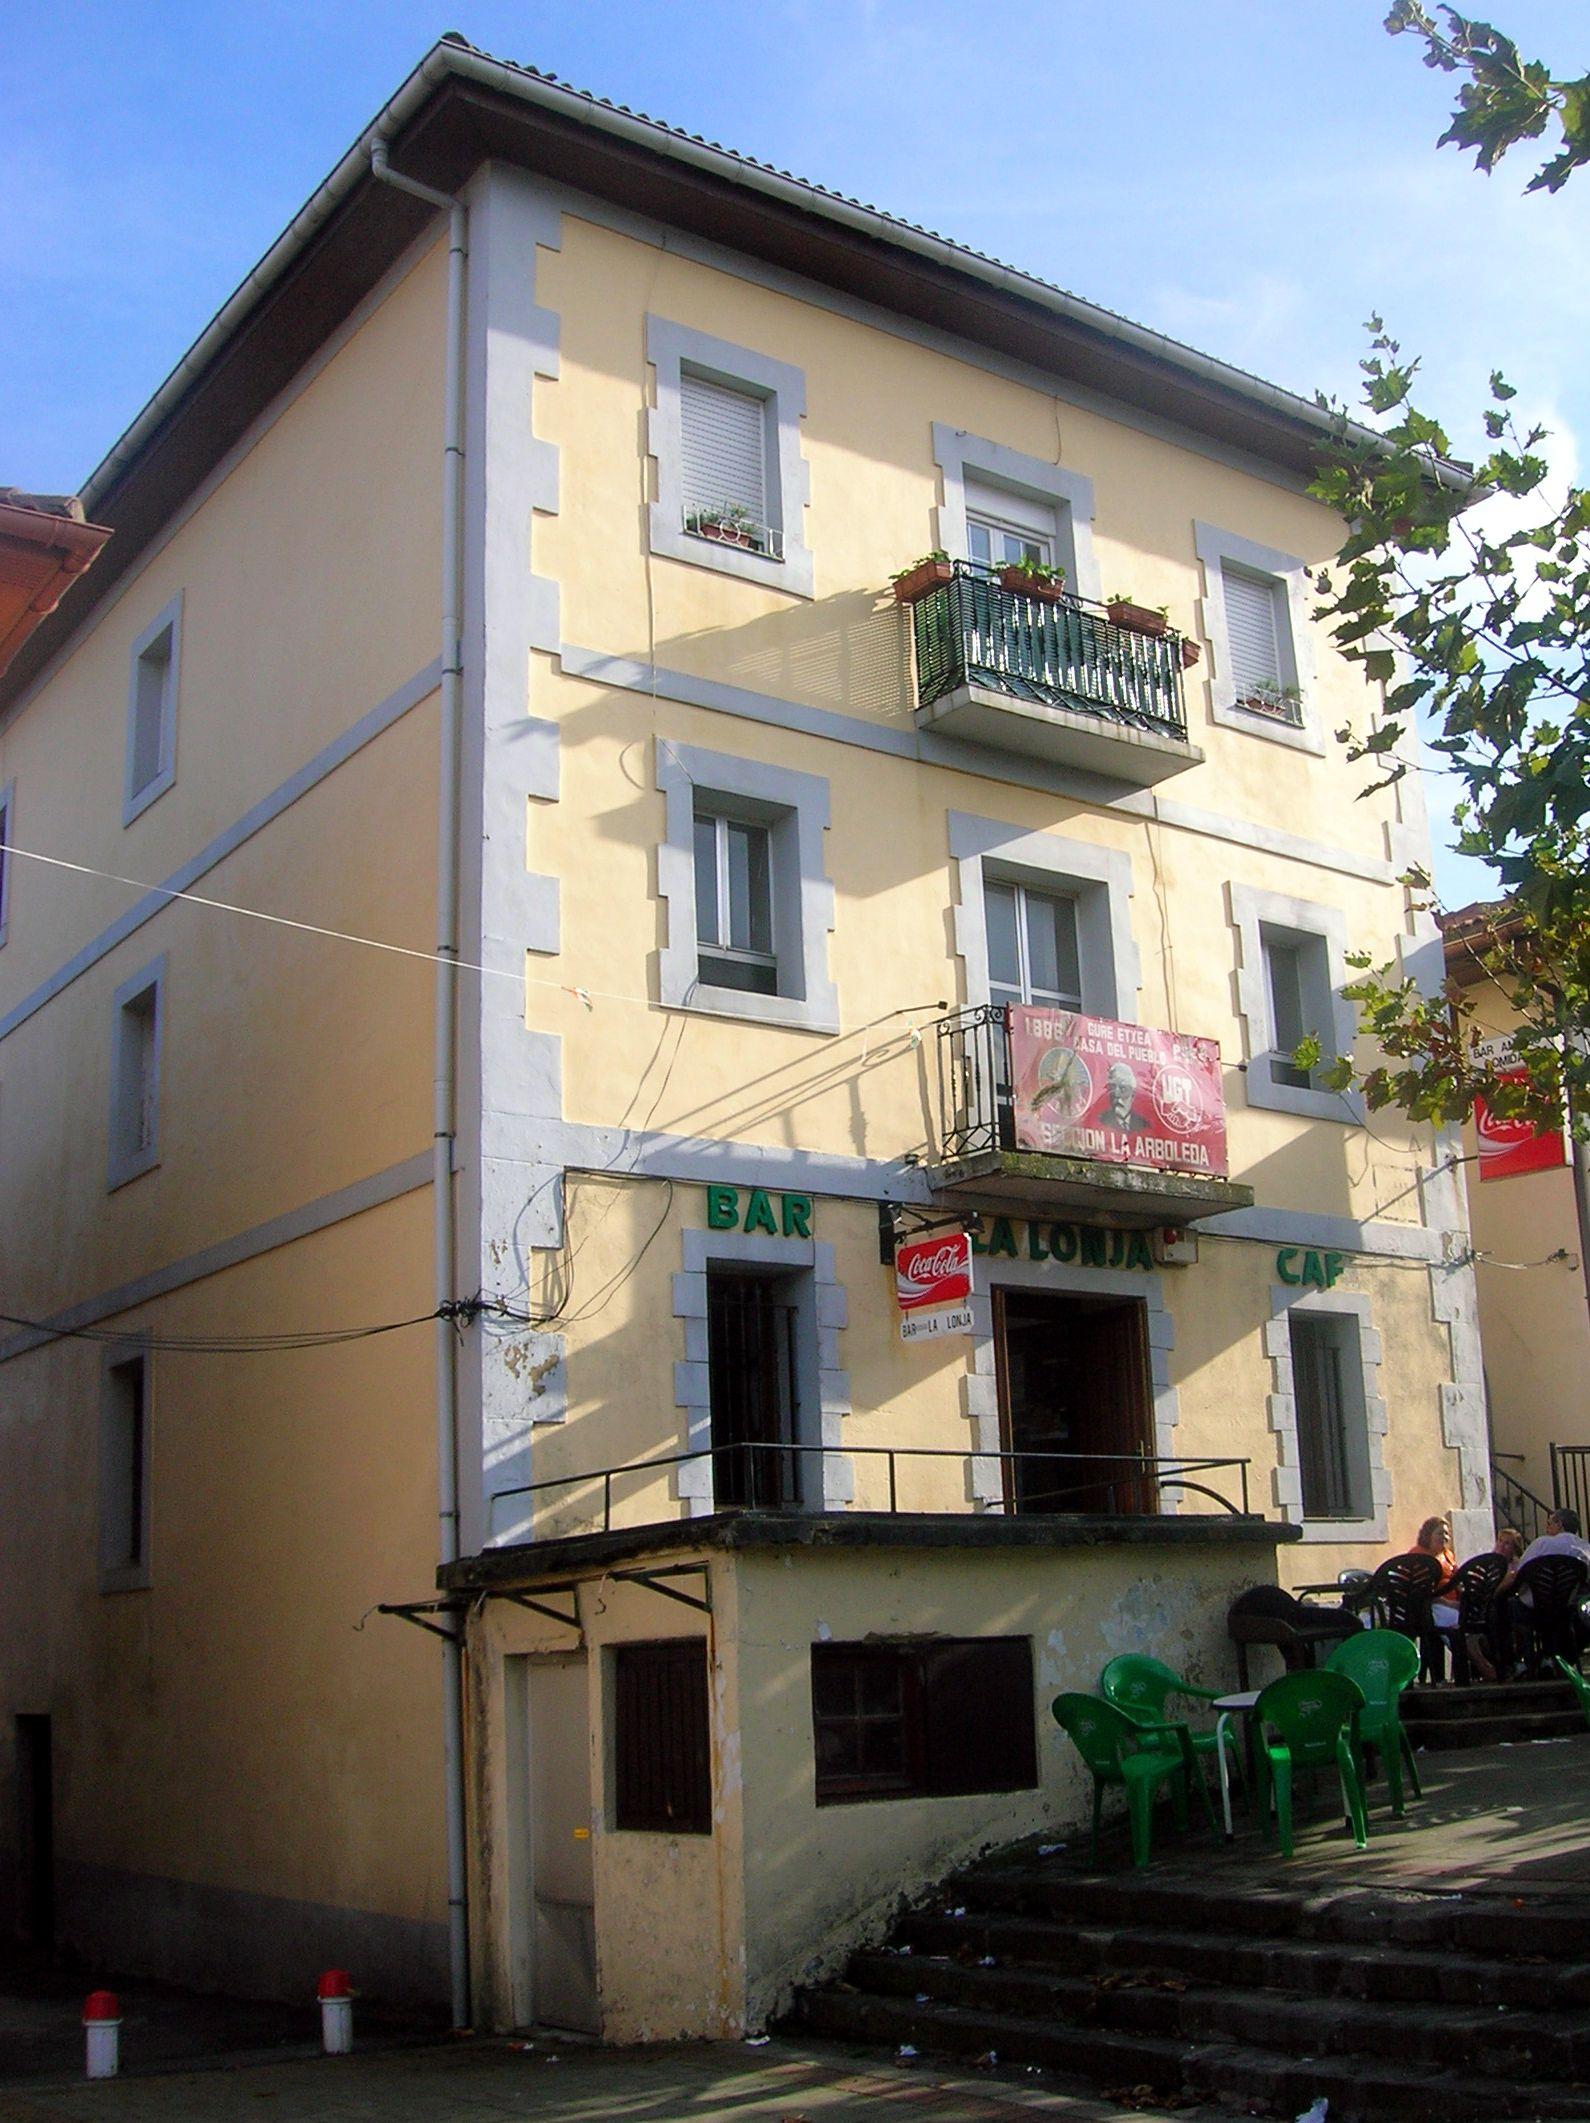 file ugt casa del pueblo de la wikimedia